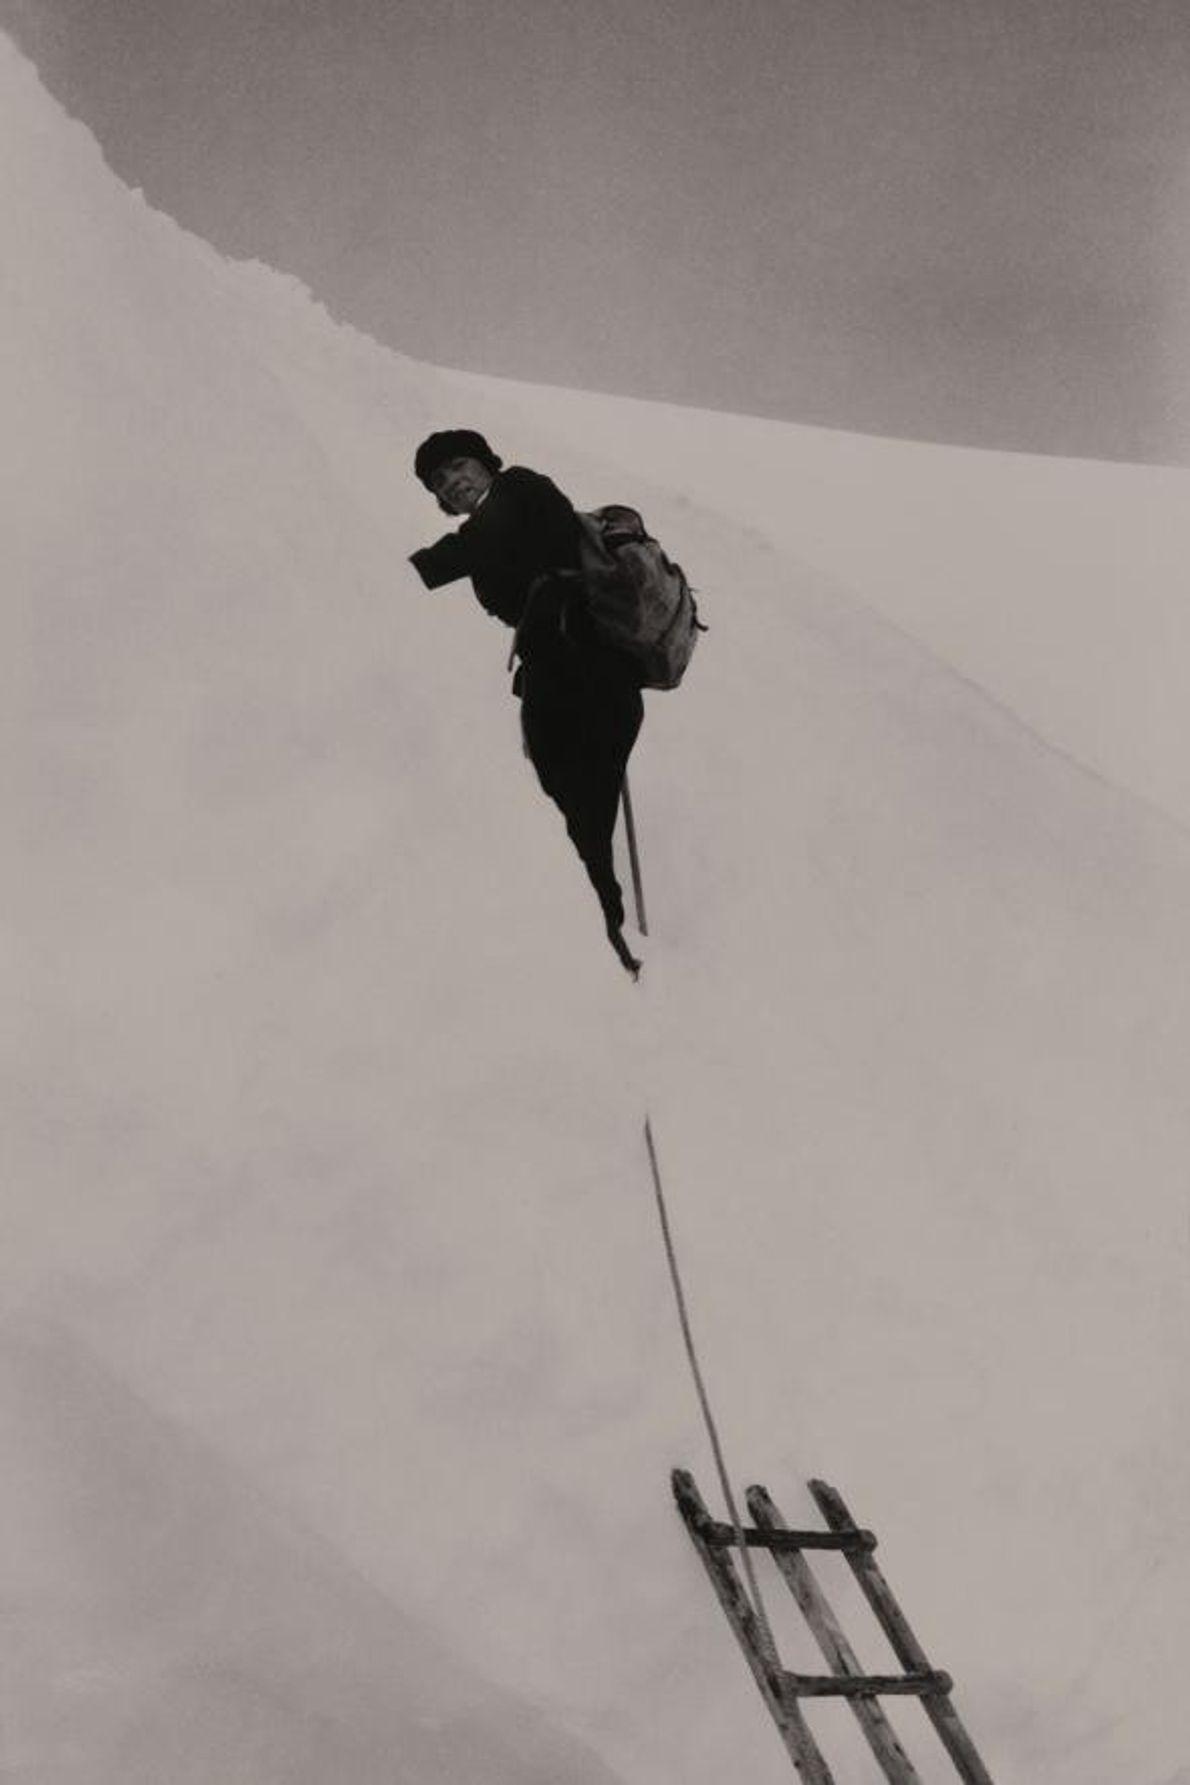 Une alpiniste s'aide d'une échelle pour traverser une crevasse gelée à Jungfrau dans les Alpes bernoises.